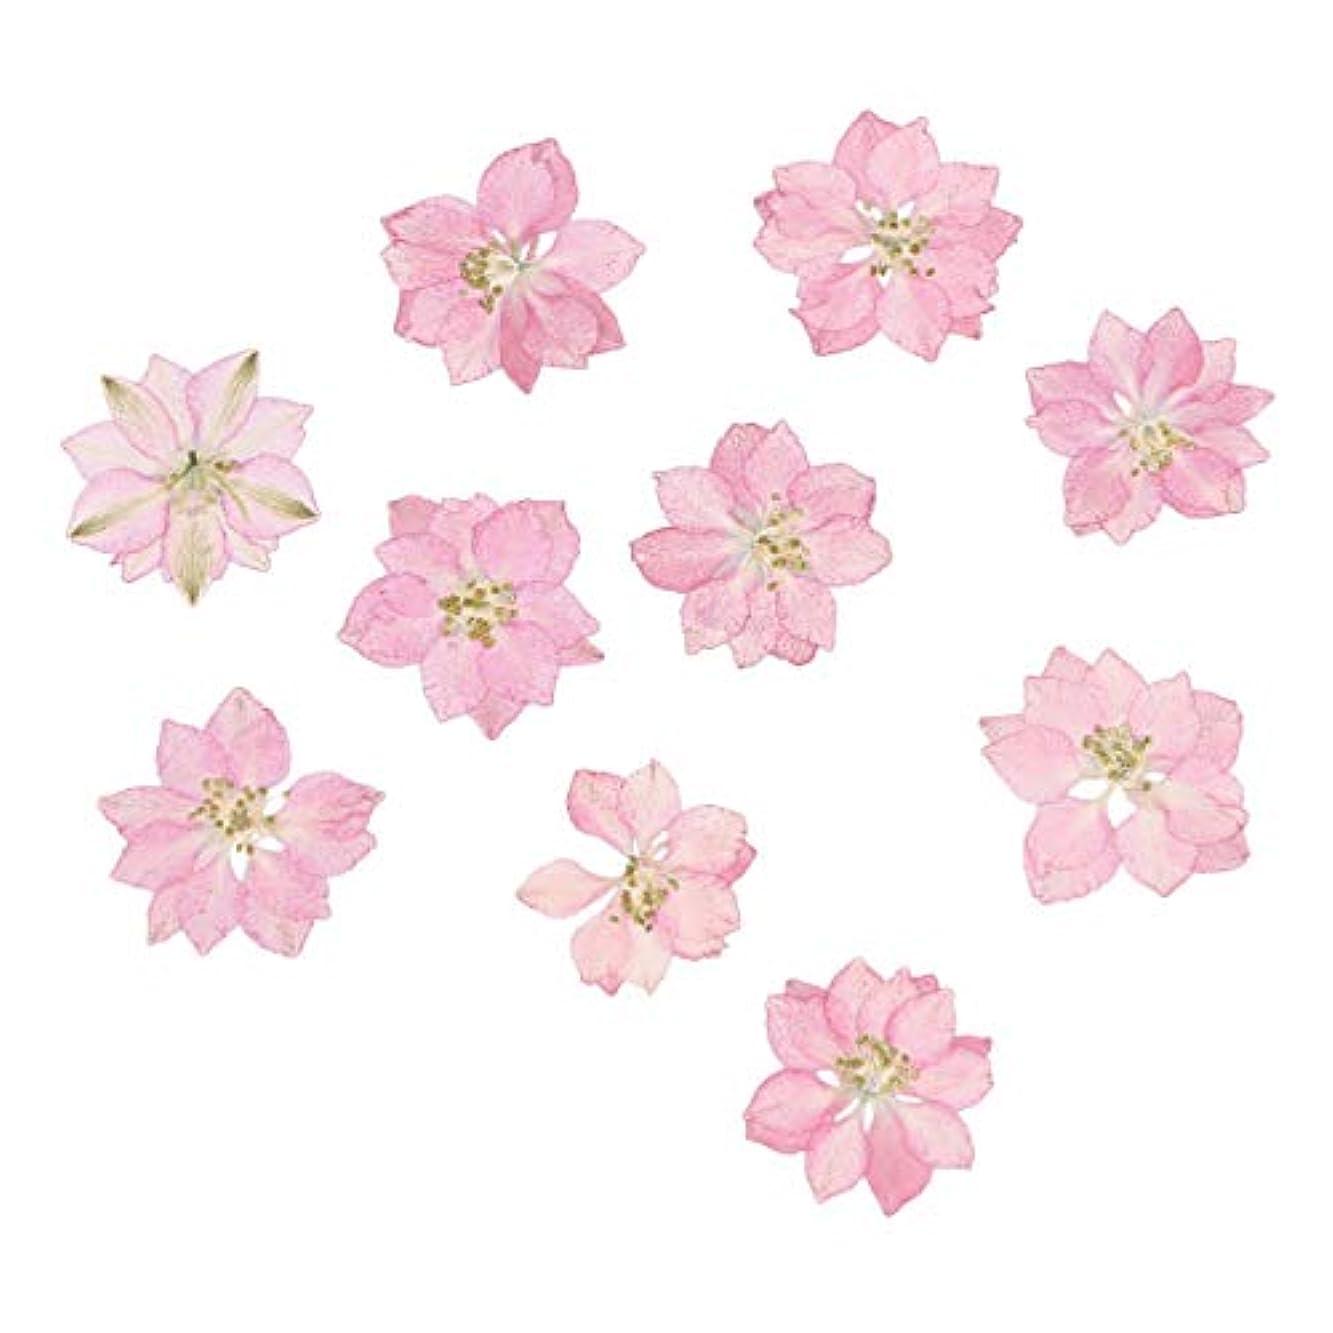 拾う流星スキャンHEALLILY リアルドライ押花天然花飾り用diyジュエリーペンダント電話ケースカード20ピース